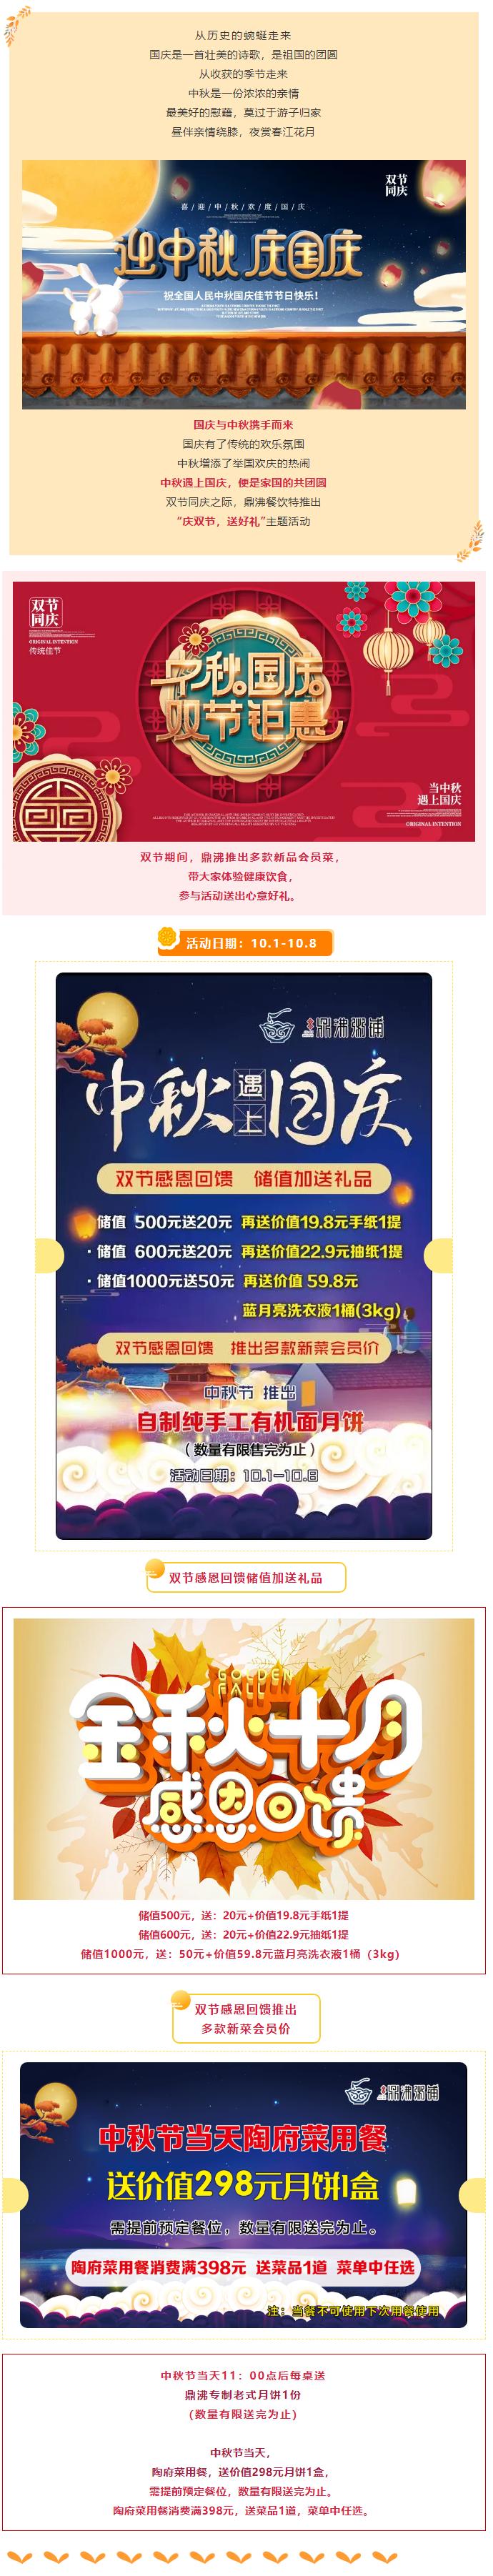 鼎沸餐饮丨迎中秋庆国庆,双节好礼待签收!.png